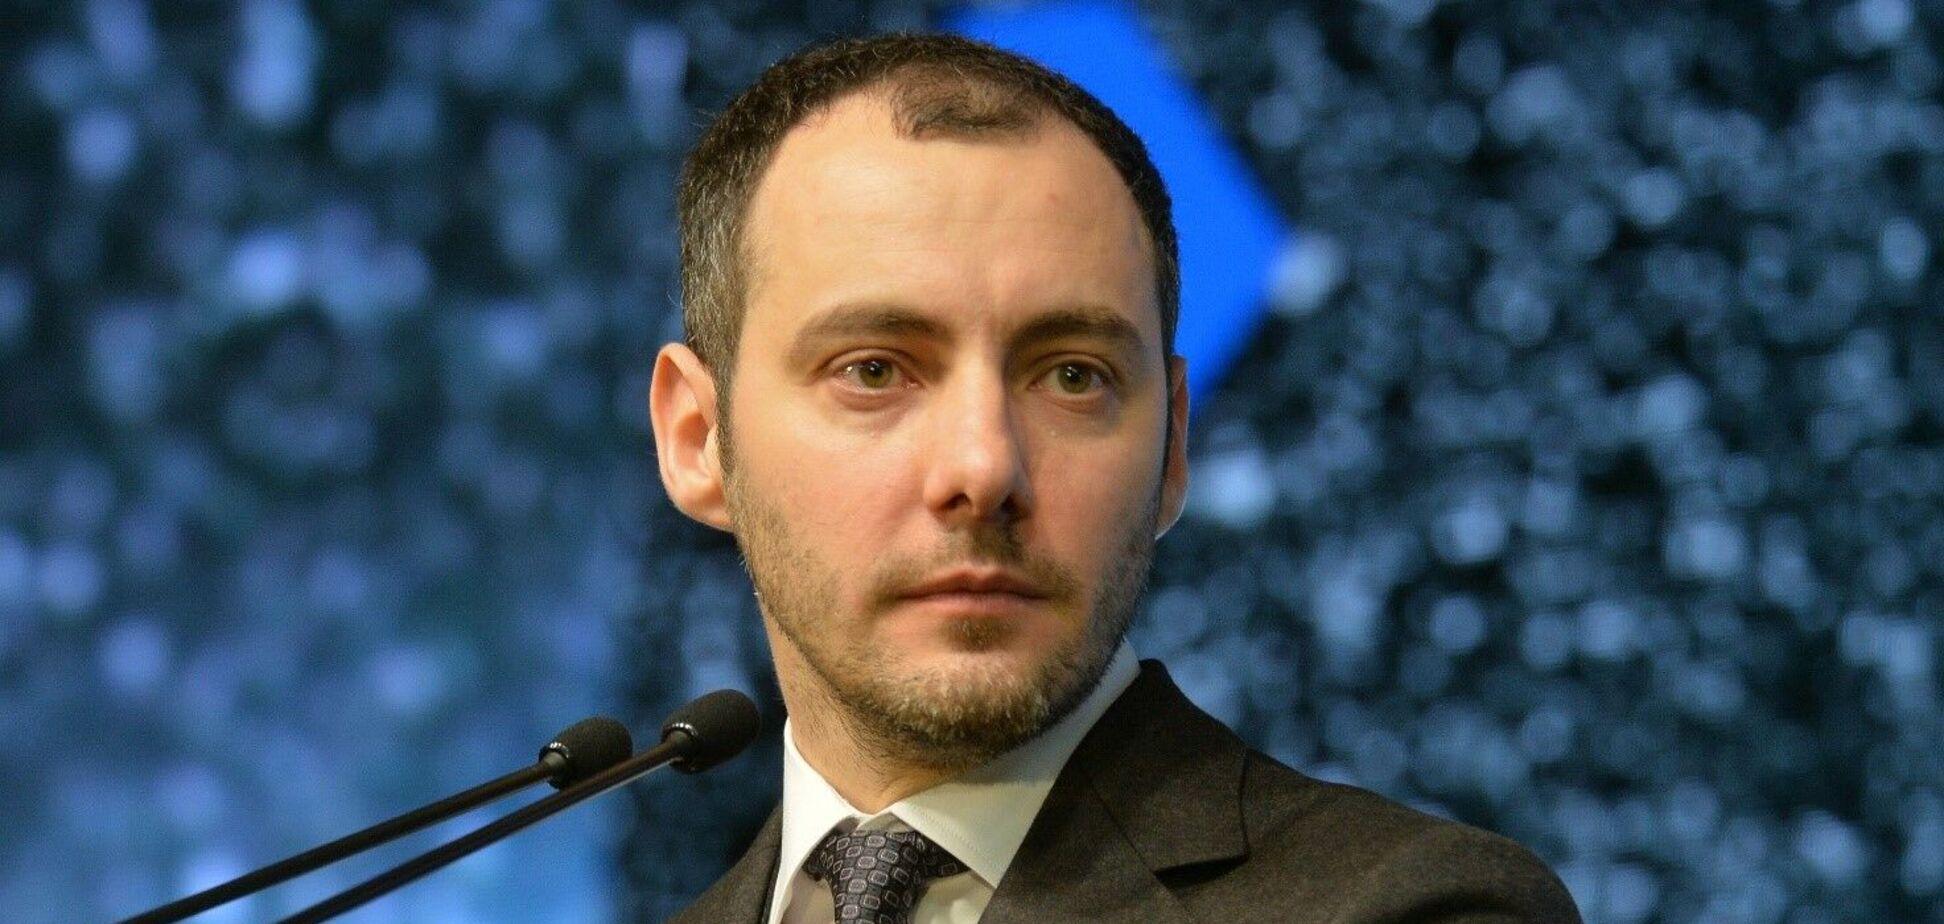 Мінінфраструктури та СБУ зупинили корупційну схему оформлення документів моряків, – Кубраков